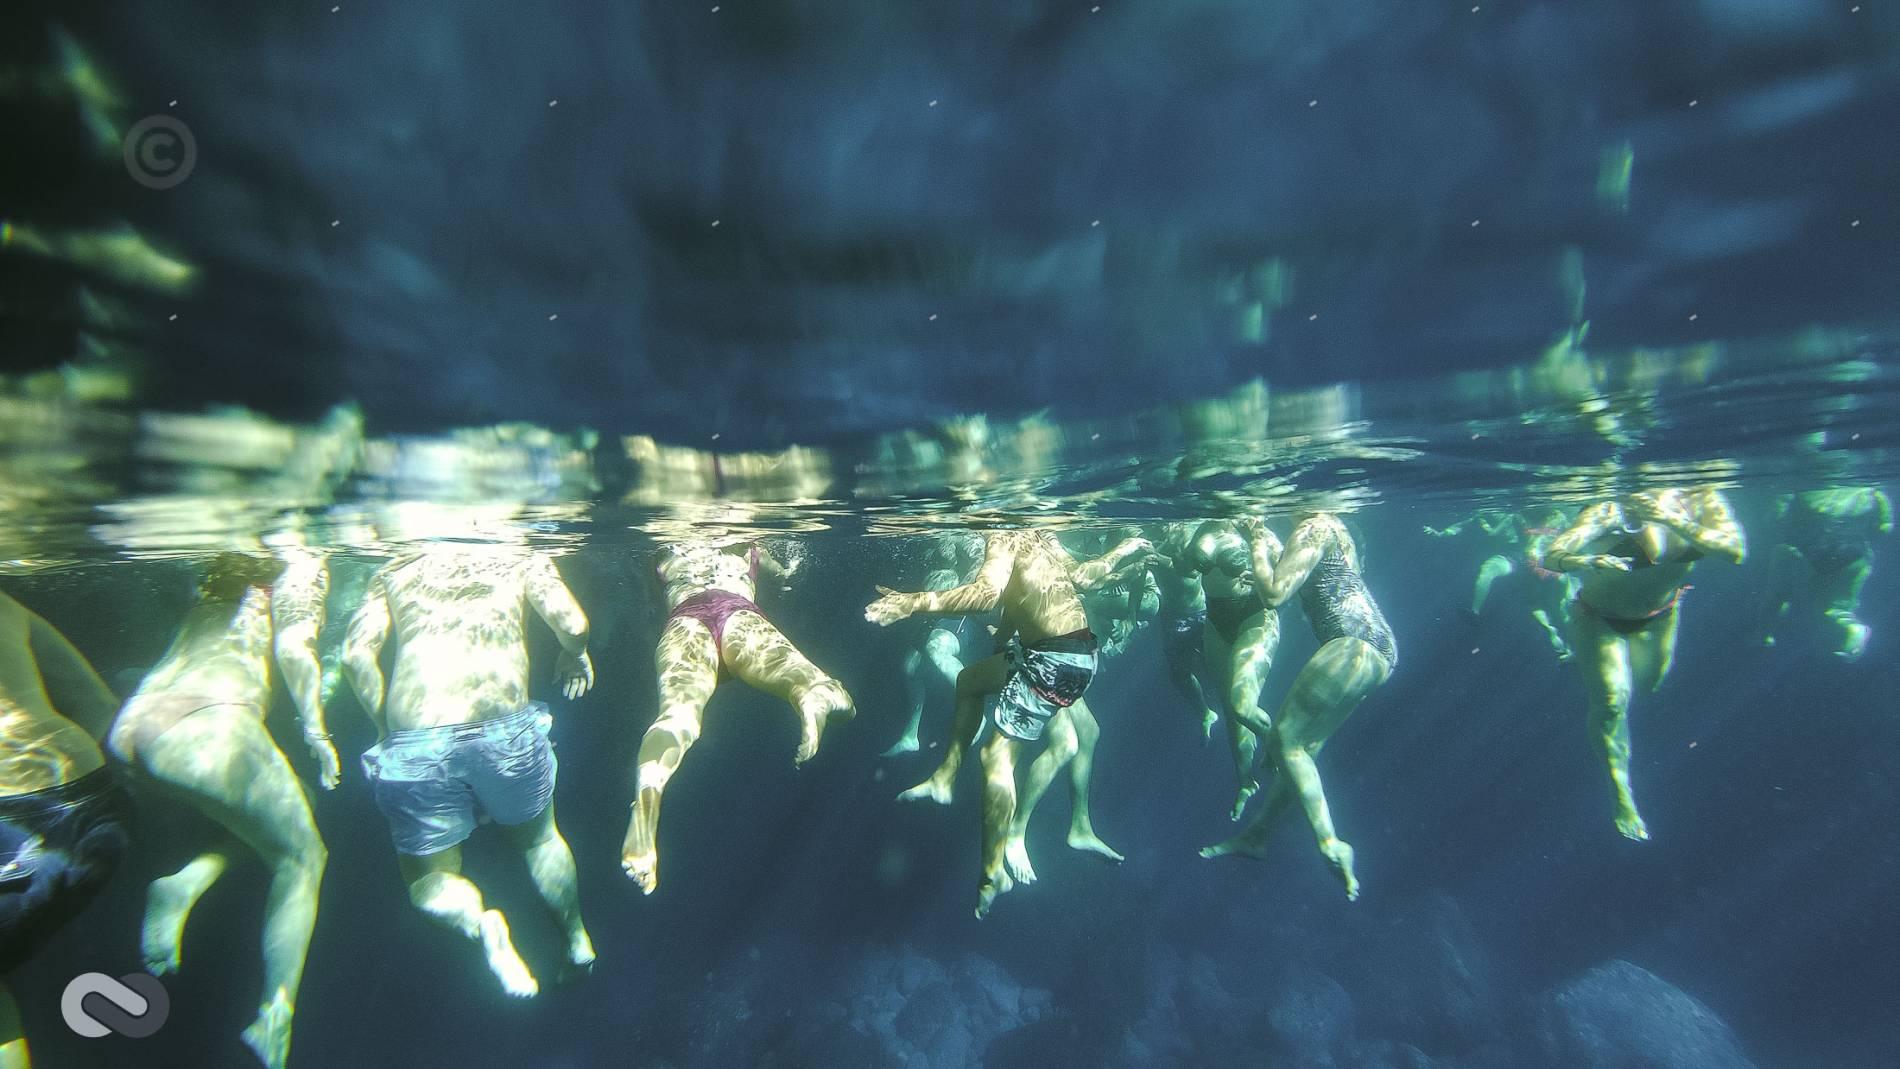 υποβρύχια λήψη στη χύτρα